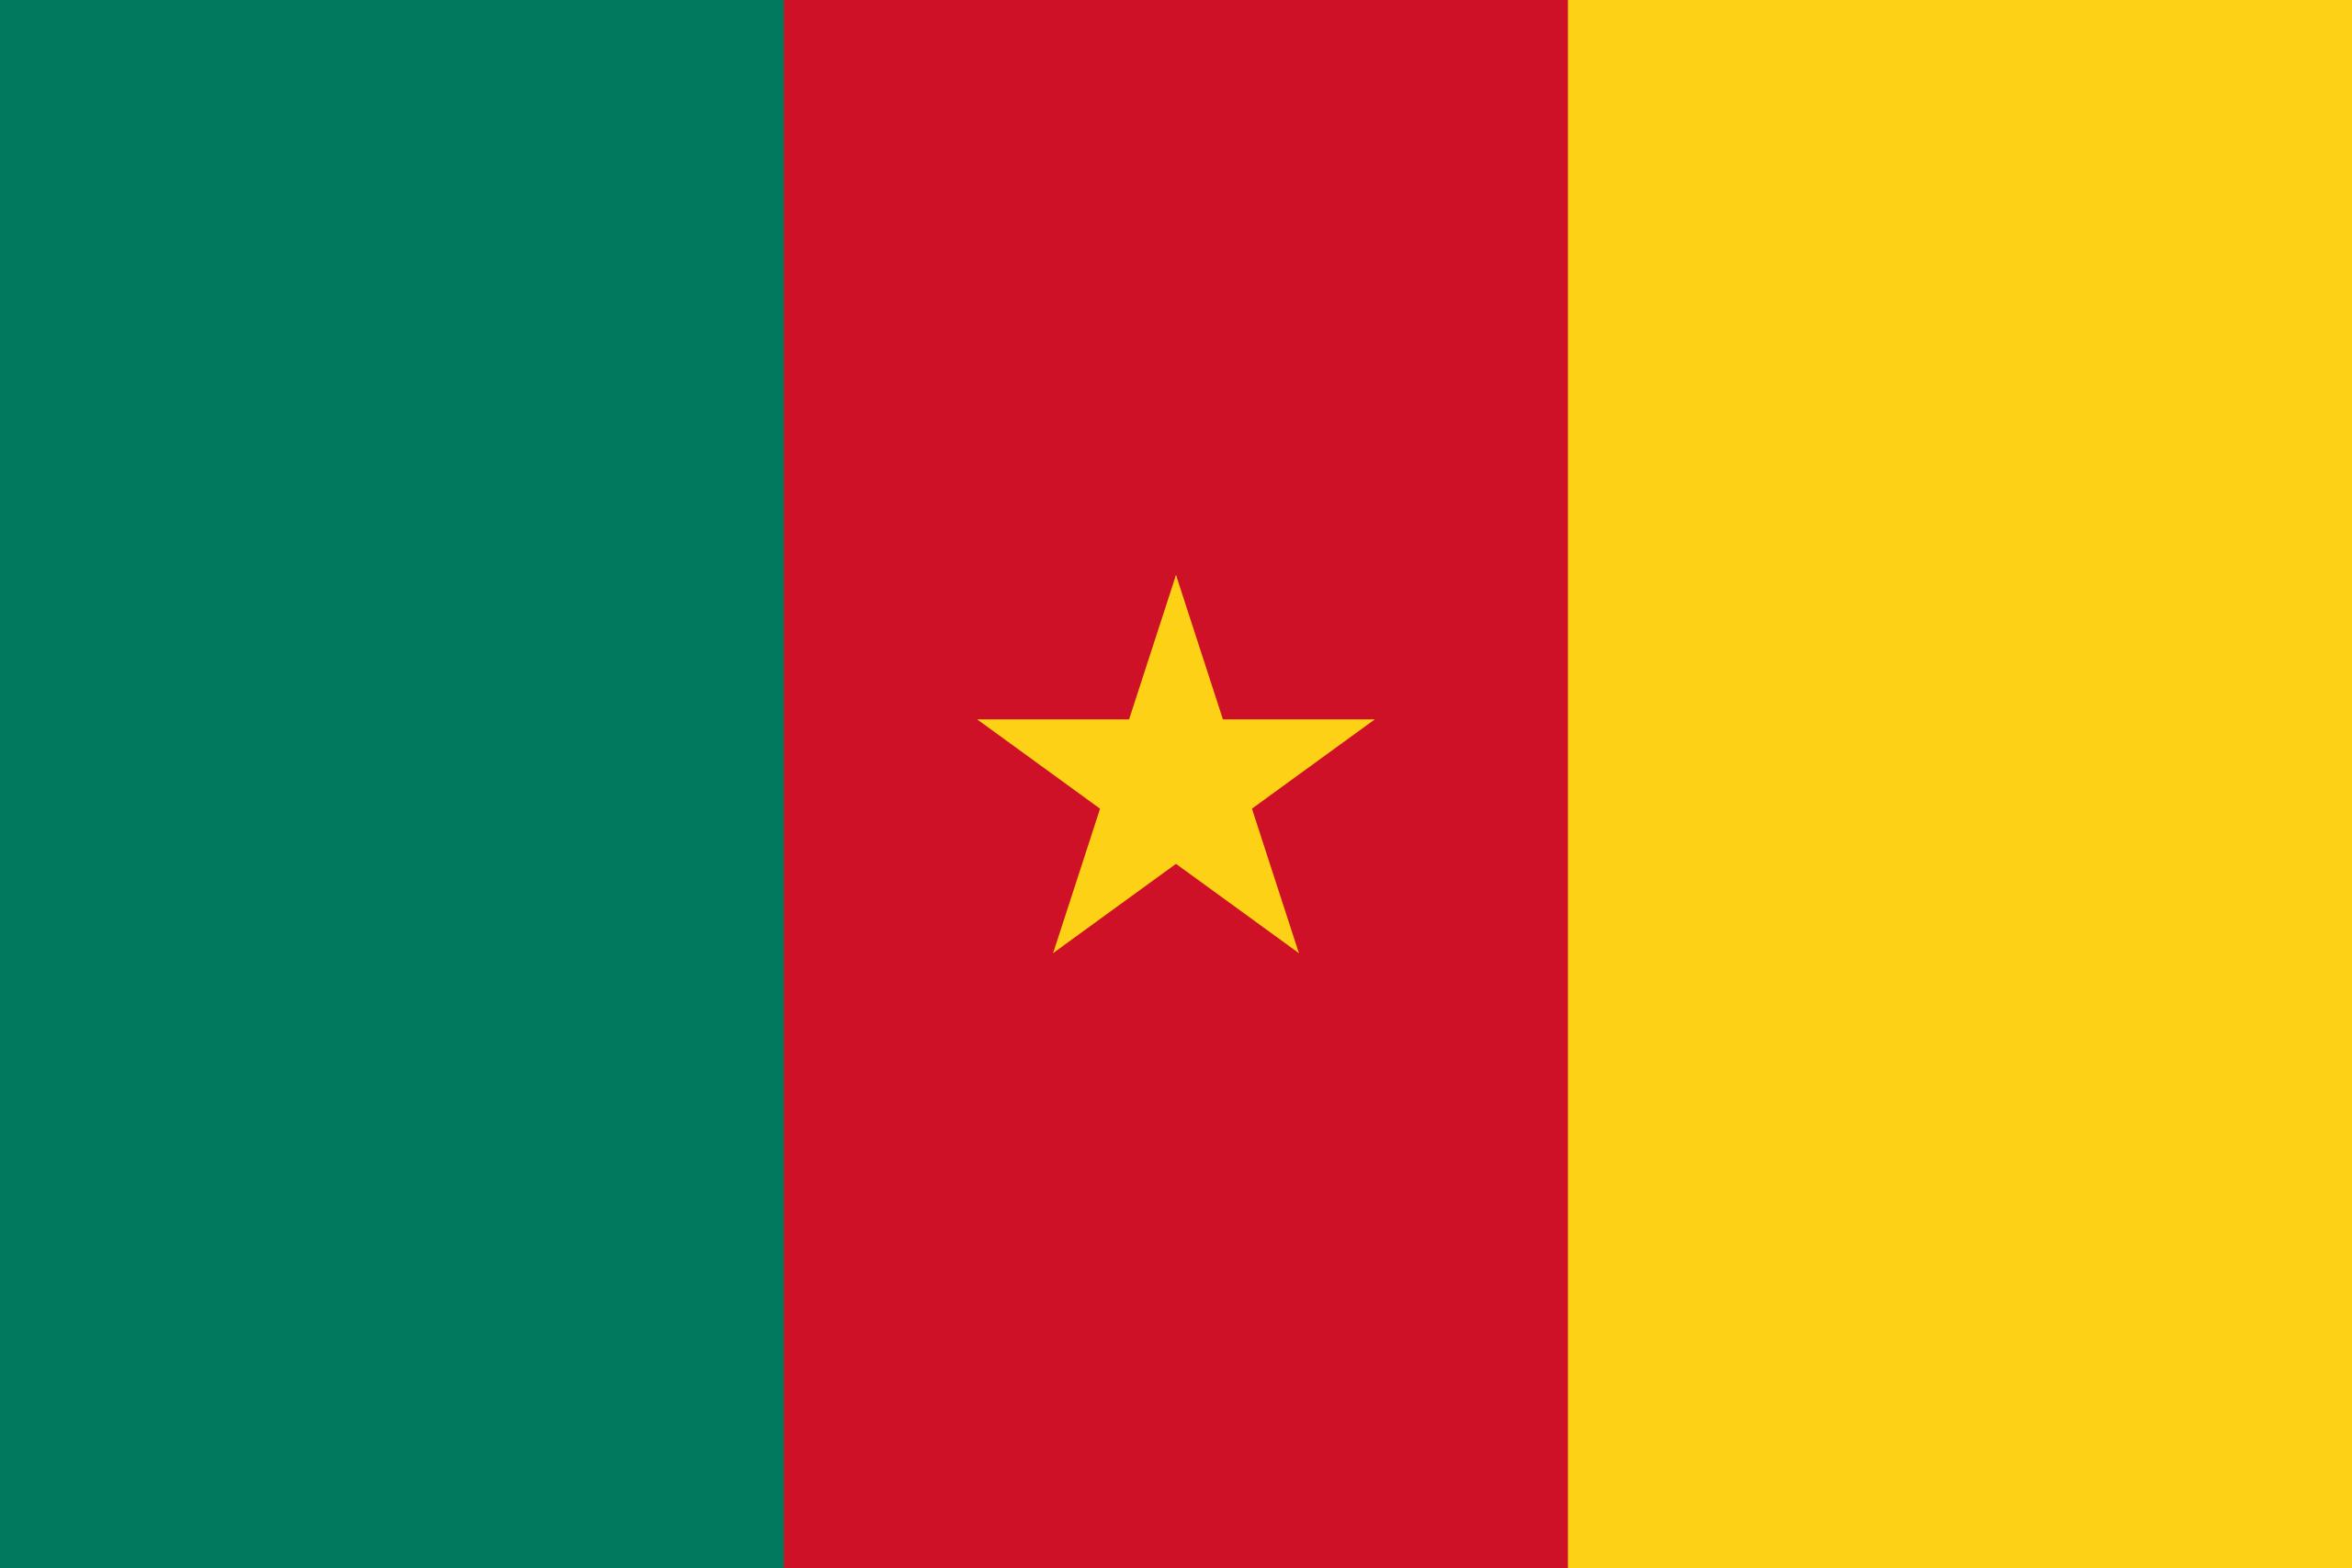 camerún, Land, Emblem, Logo, Symbol - Wallpaper HD - Prof.-falken.com